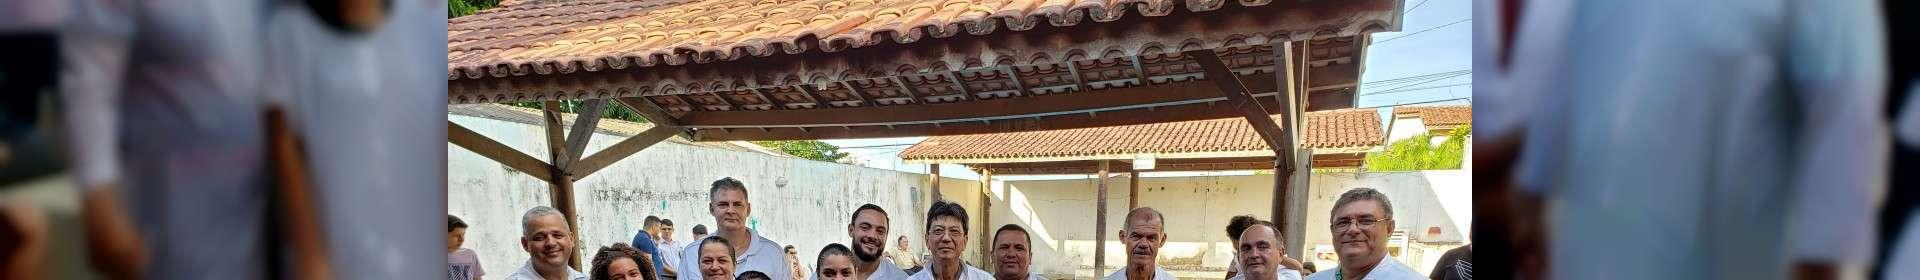 Igrejas Cristã Maranata participam de batismos no último mês de 2018